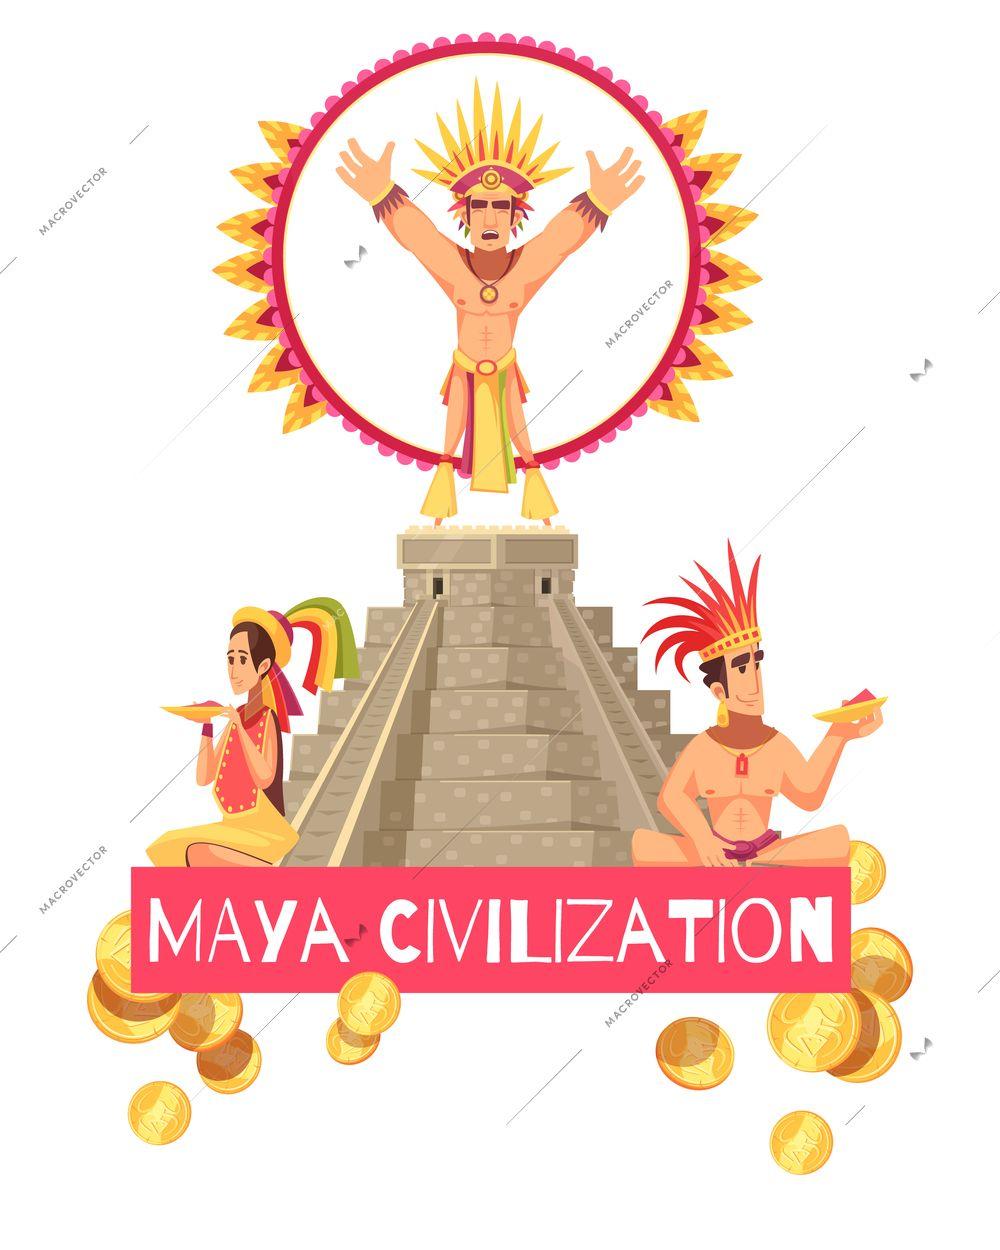 Maya civilization people and ancient teotihuacan pyramid